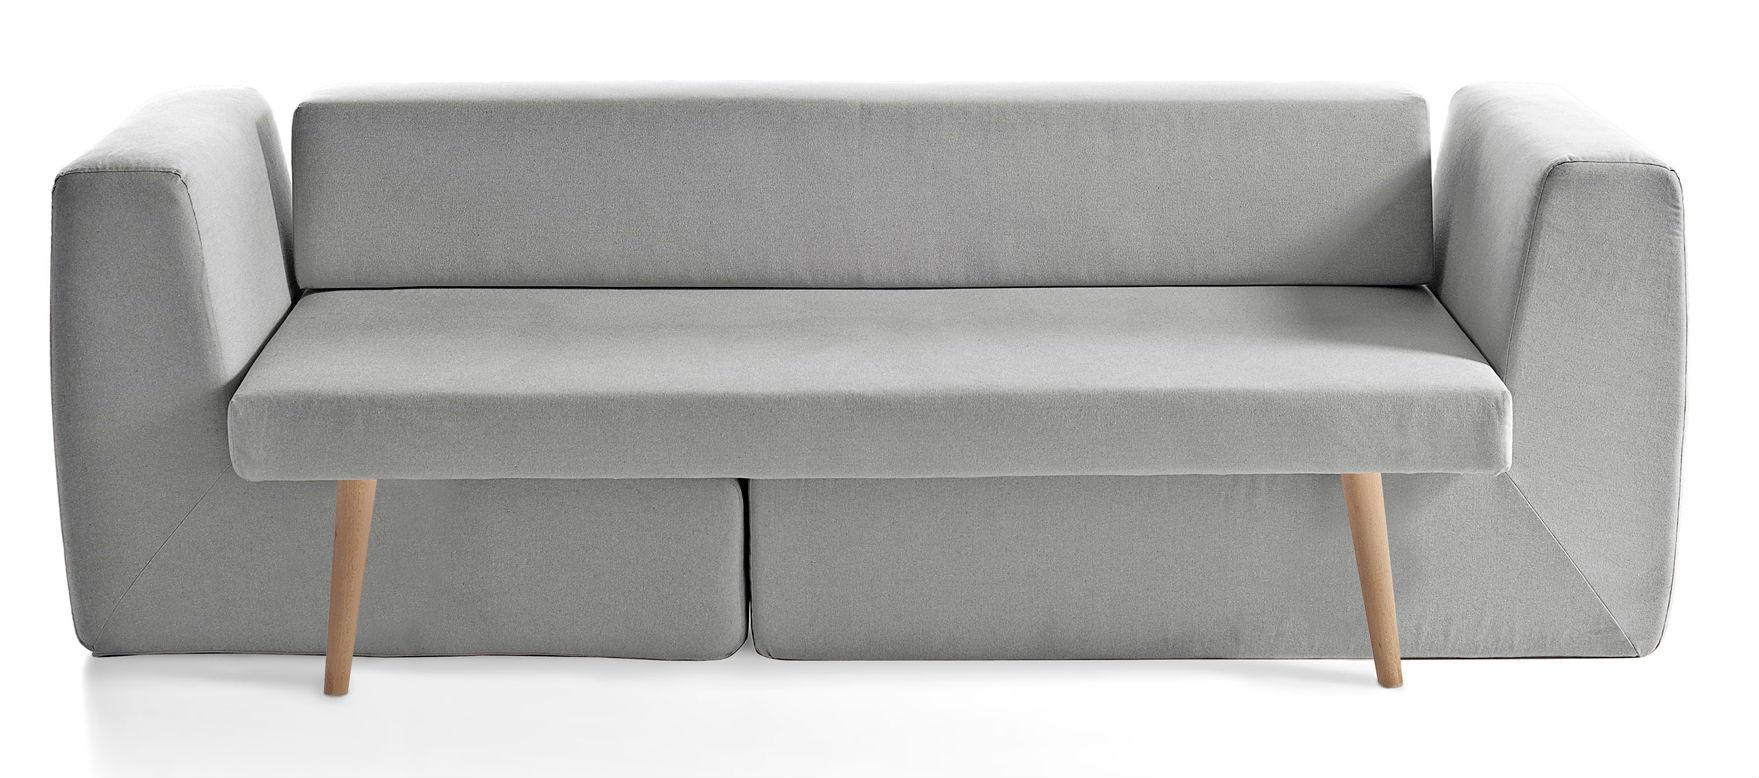 canape-modulable-sofista-gris